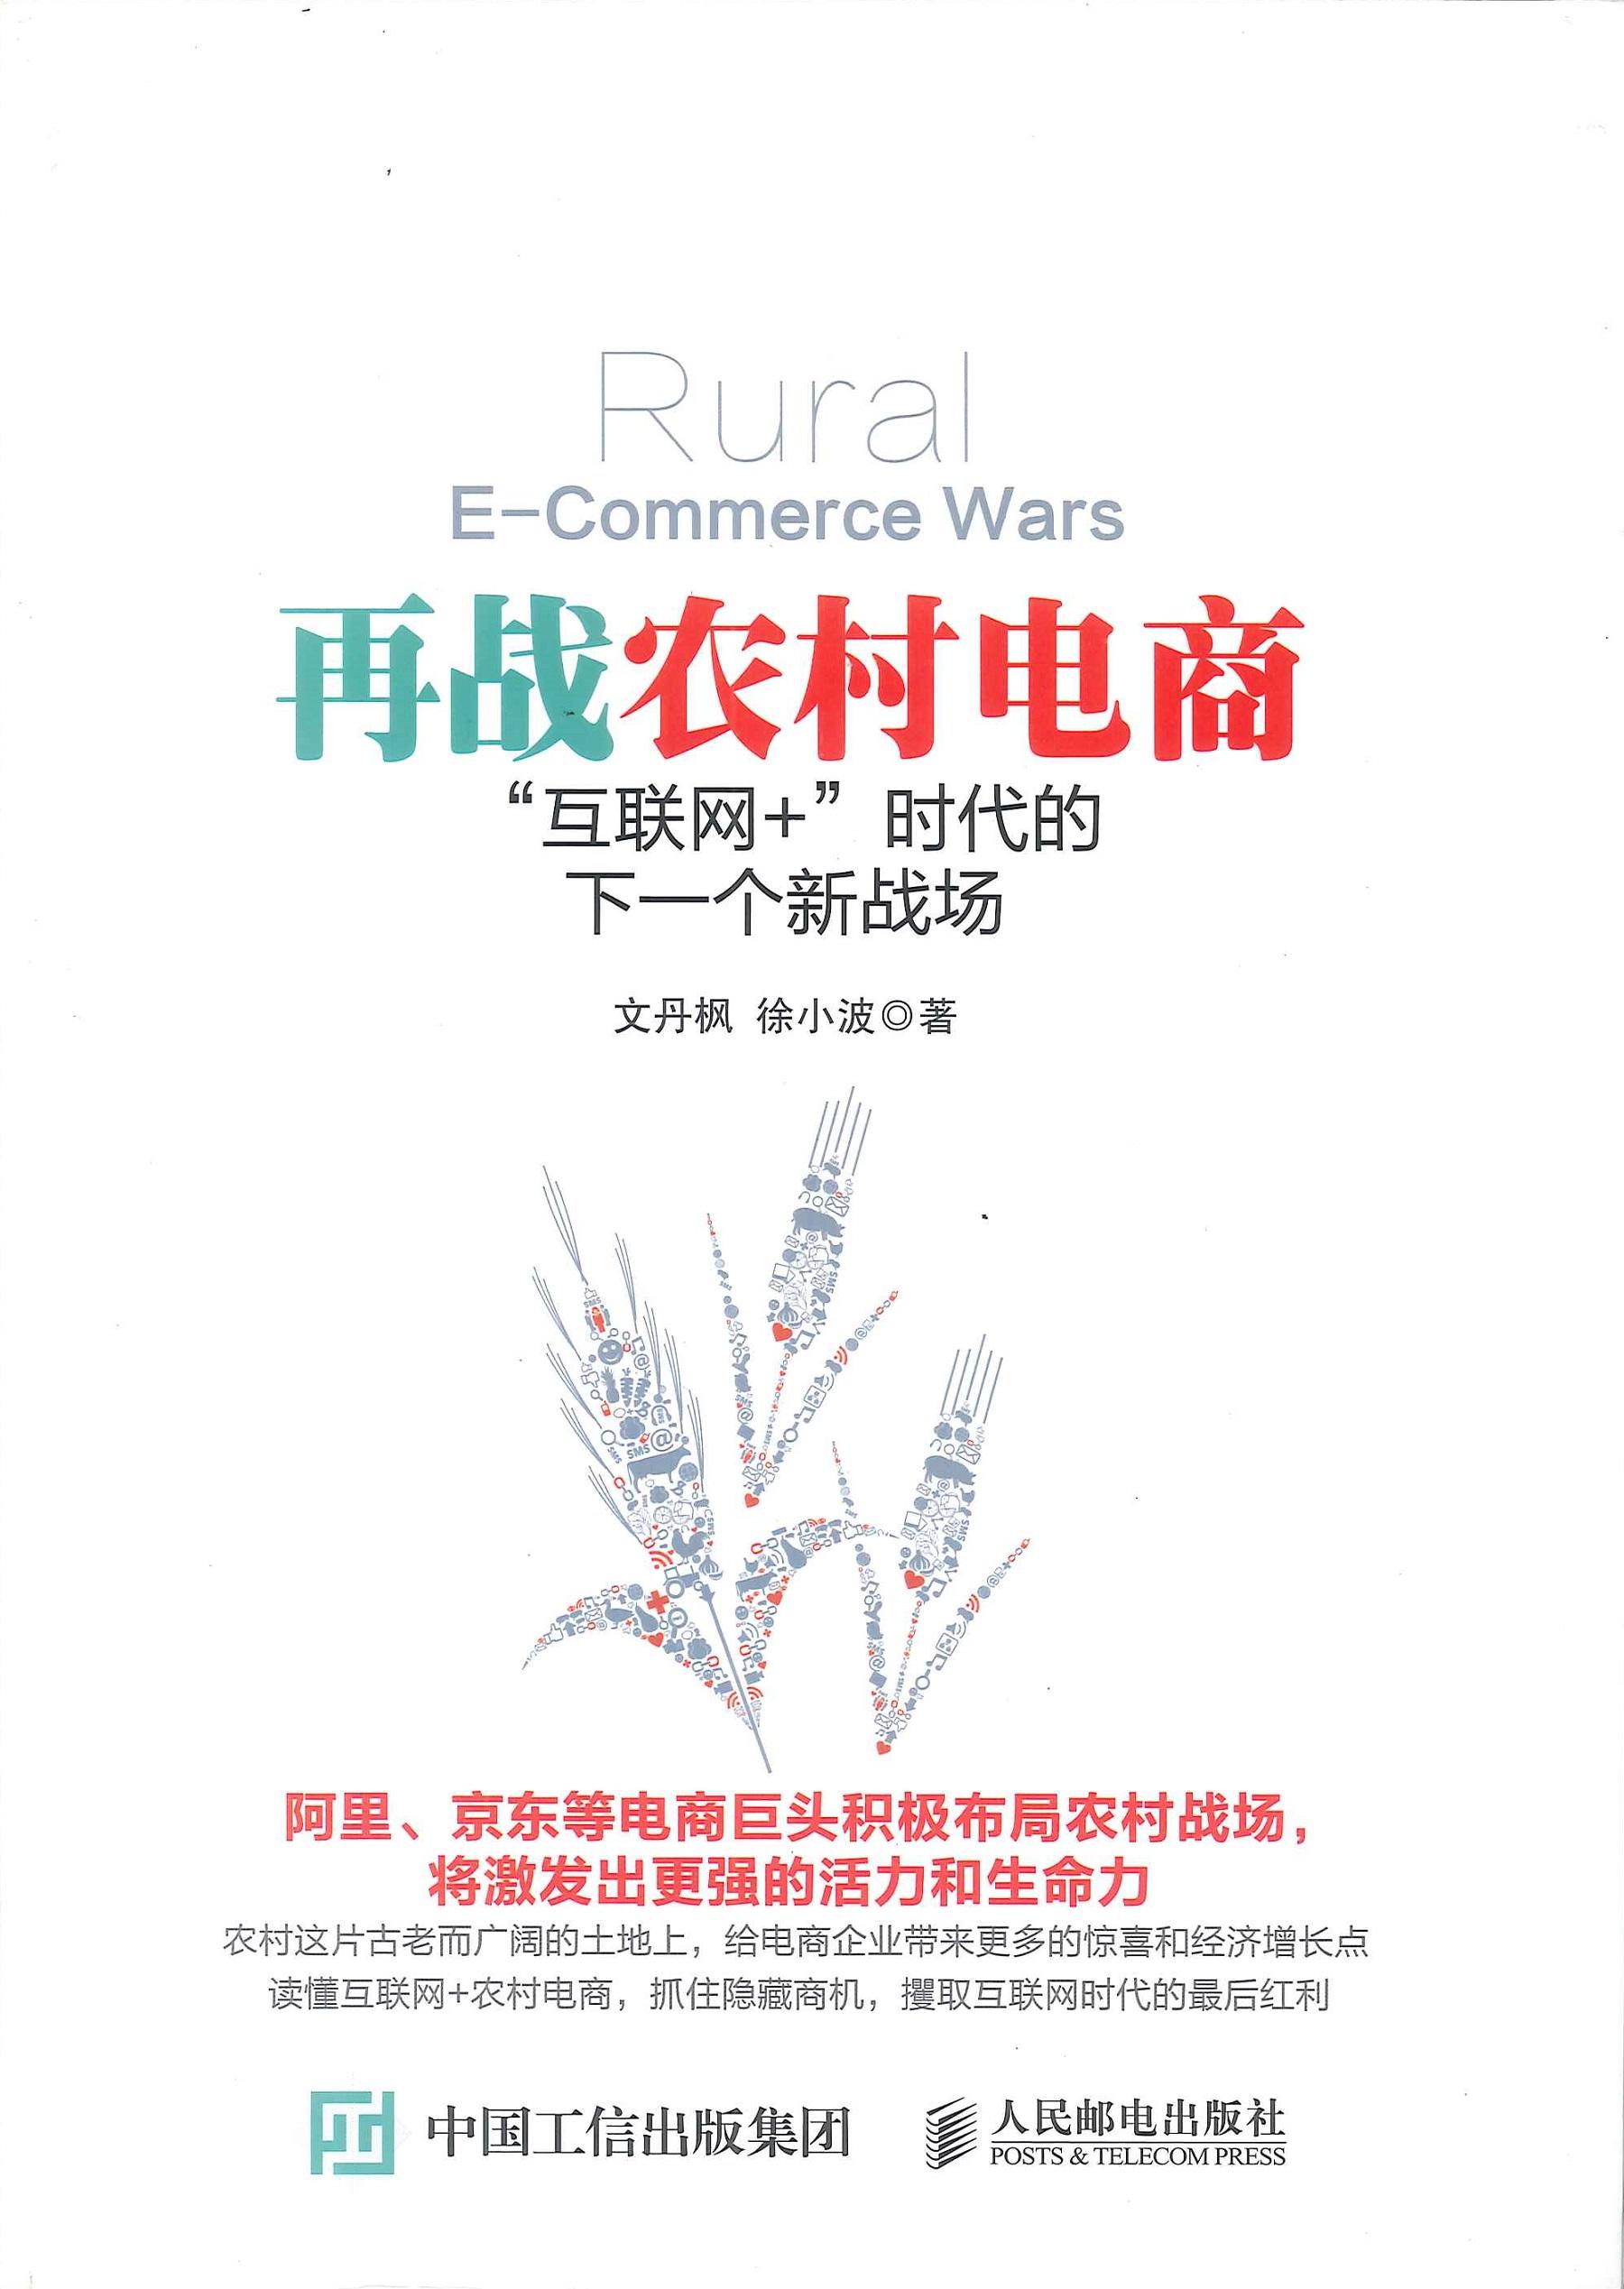 """再战农村电商:""""互联网""""+时代的下一个新战场=Rural e-commerce wars"""